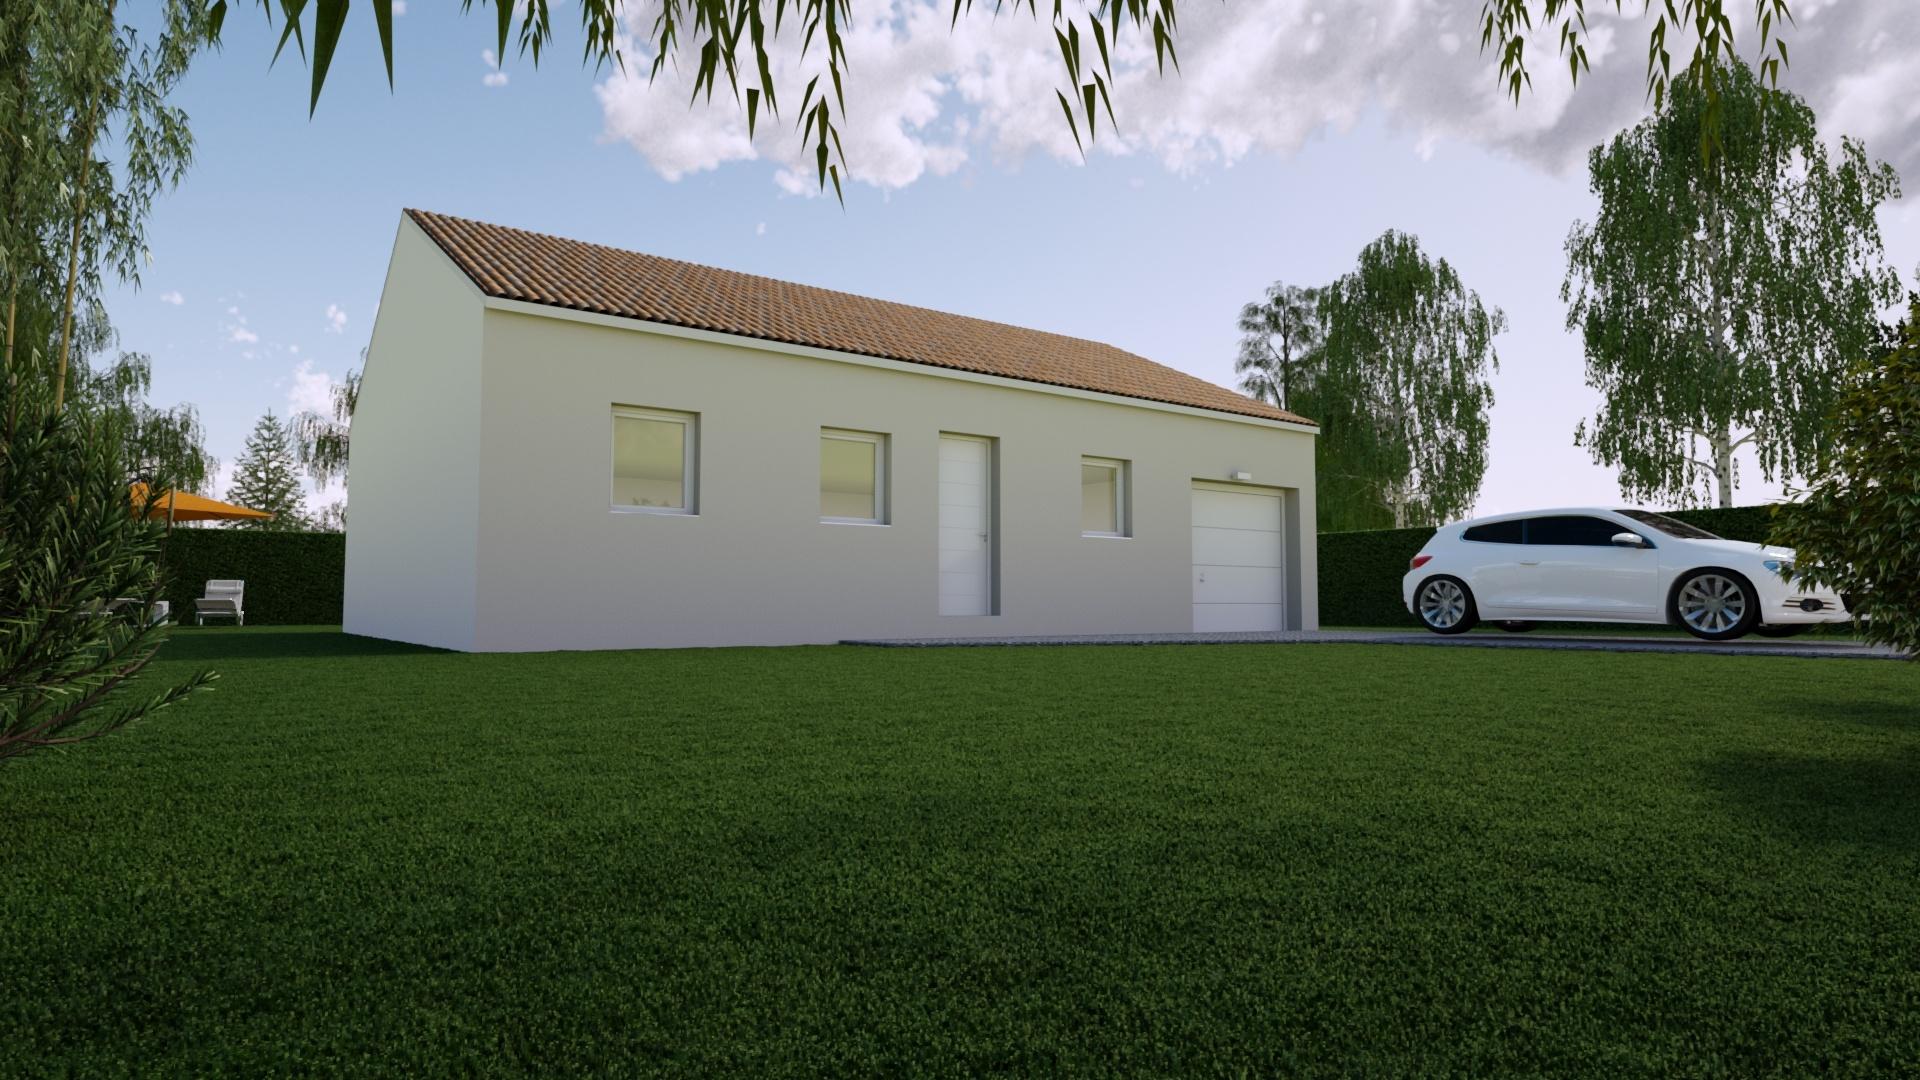 Maisons + Terrains du constructeur Mon Courtier Maison • 75 m² • MOUZEIL